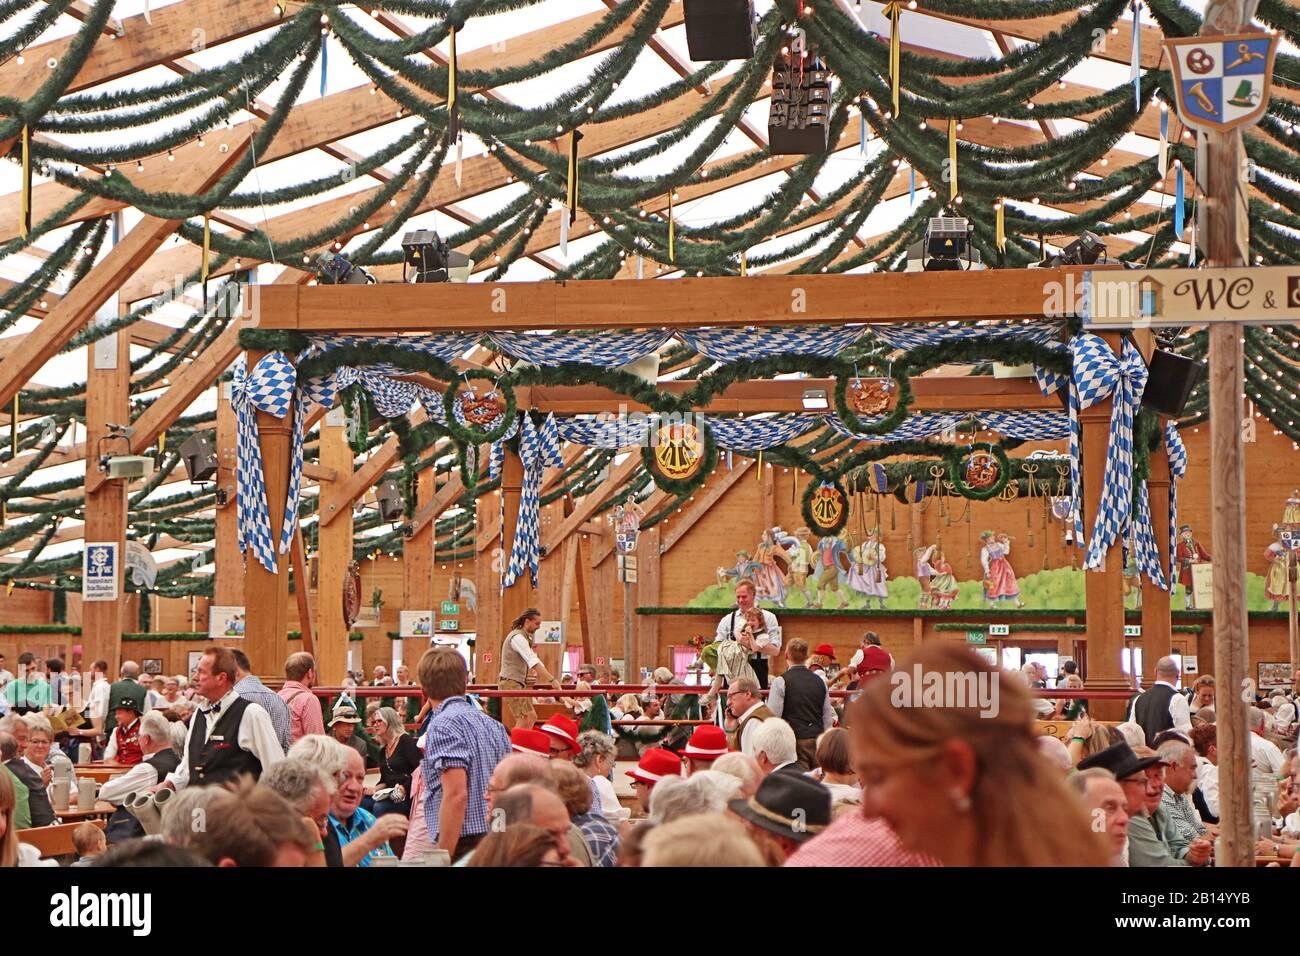 München, DEUTSCHLAND - 1. OKTOBER 2019 Bierzelt auf der Oide Wiesn historischer Teil des Oktoberfests in München, familienfreundliches Ambiente Stockfoto